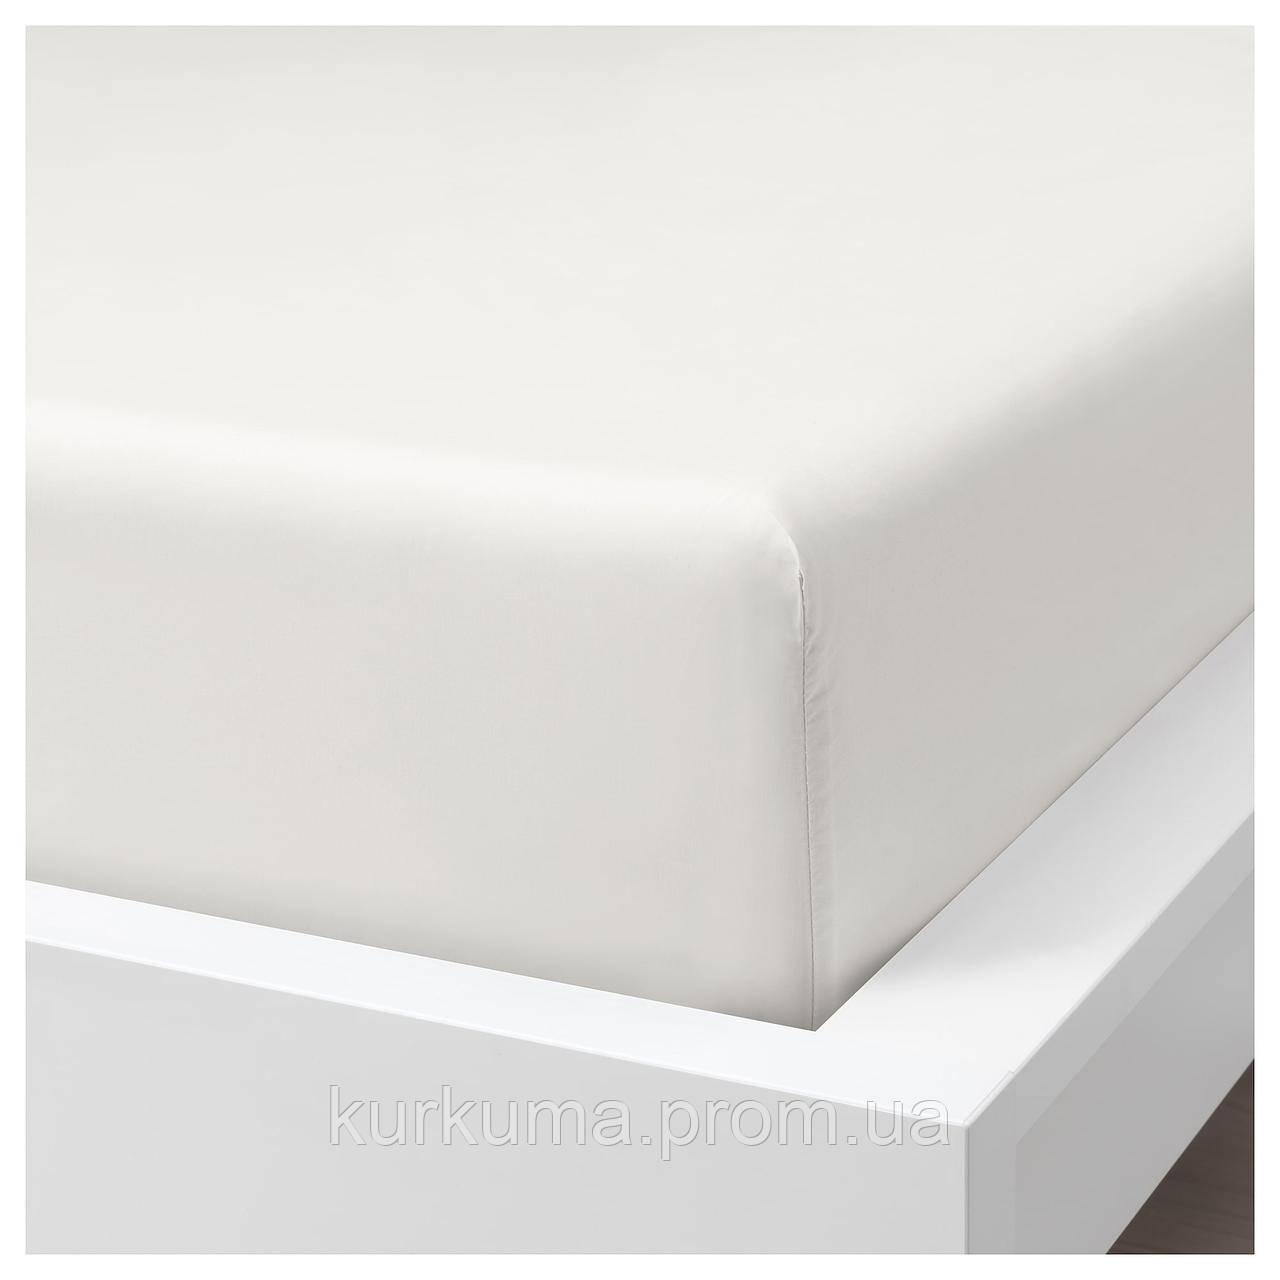 IKEA SOMNTUTA Простыня с резинкой, белый  (604.128.09)